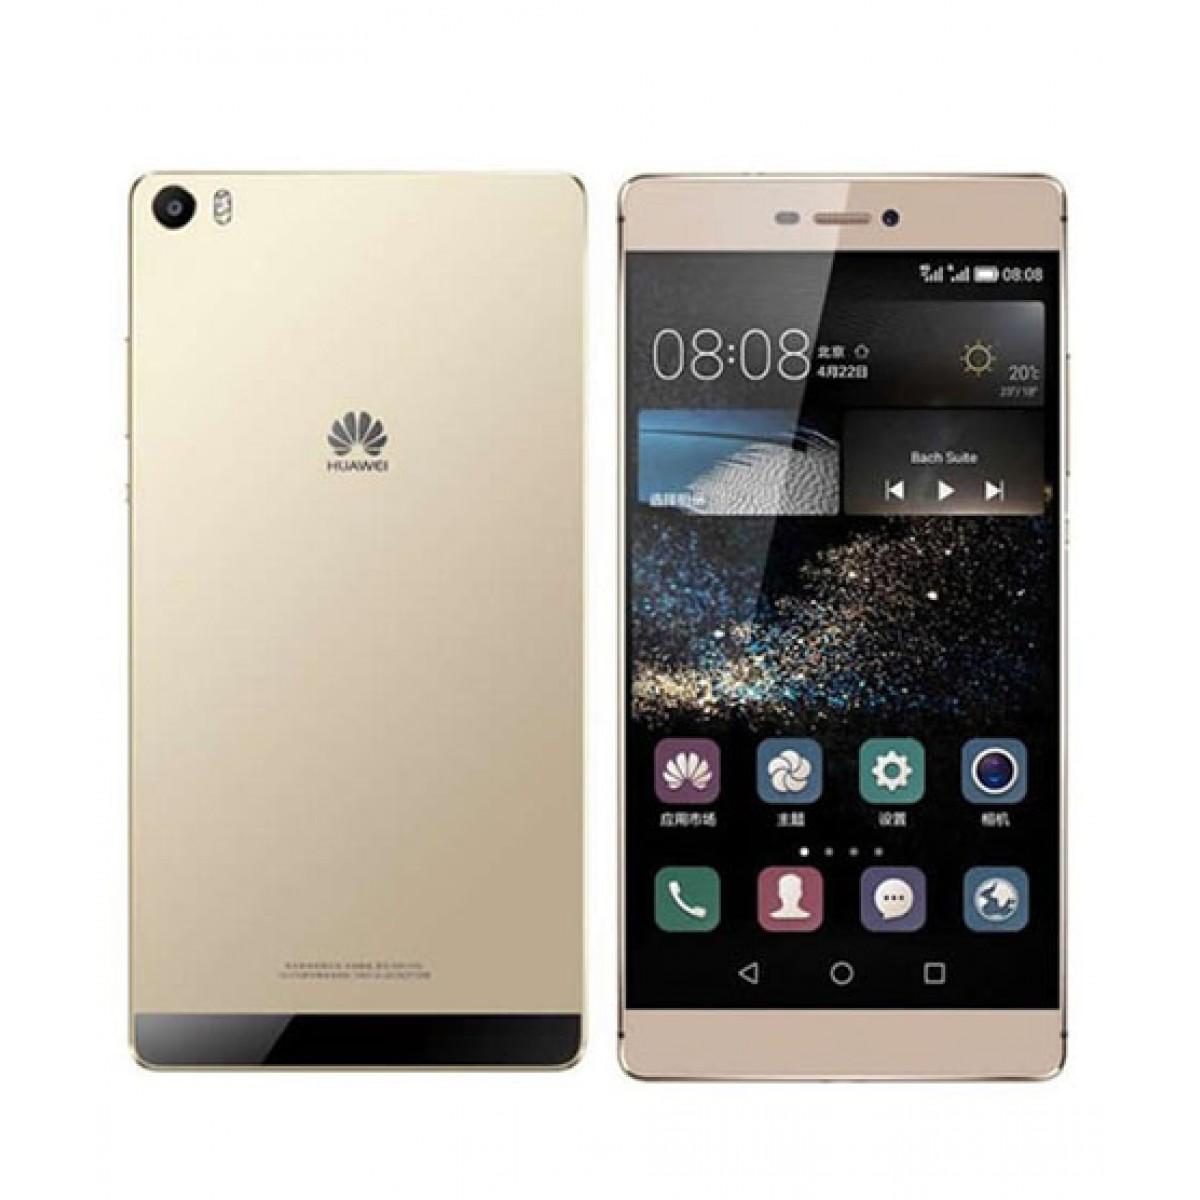 Huawei P8 Max 4G 64GB Dual Sim Gold